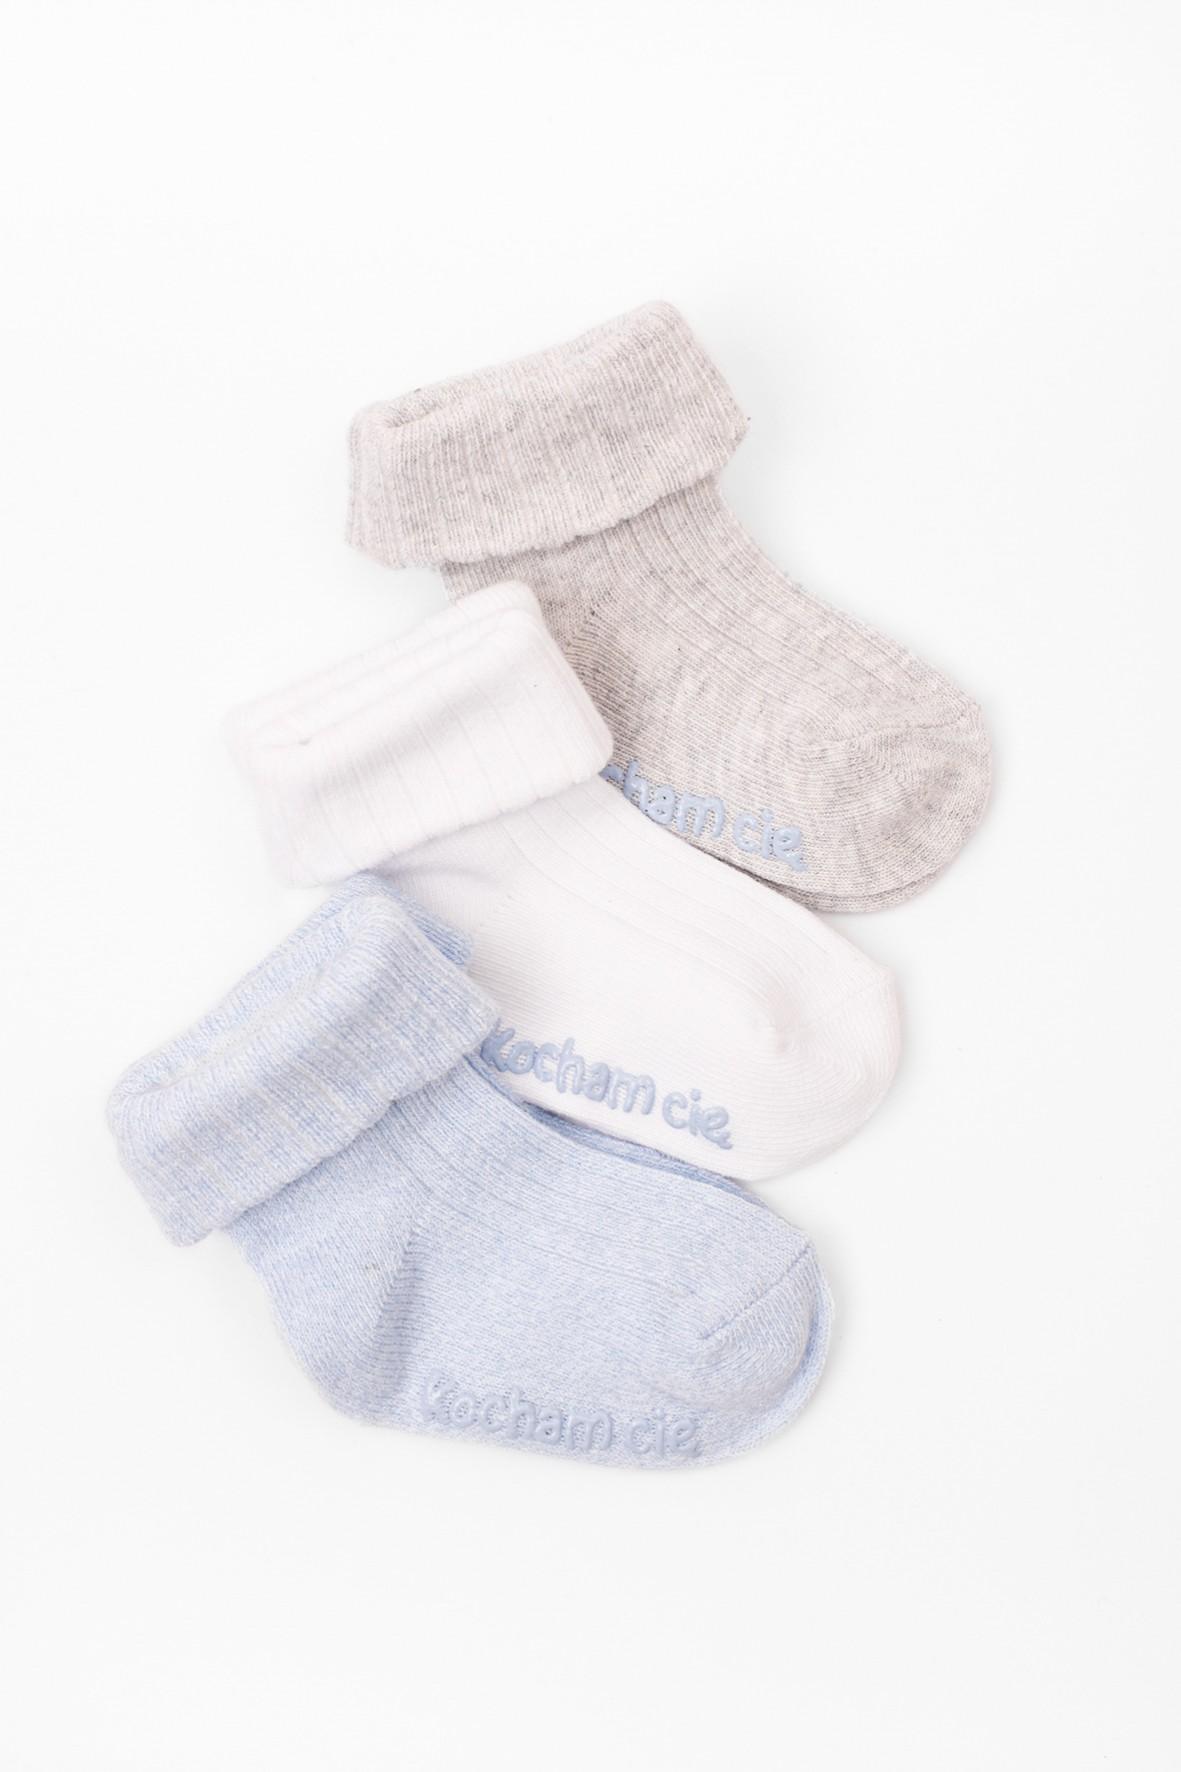 Skarpety niemowlęce- Kocham Cię 3-pak